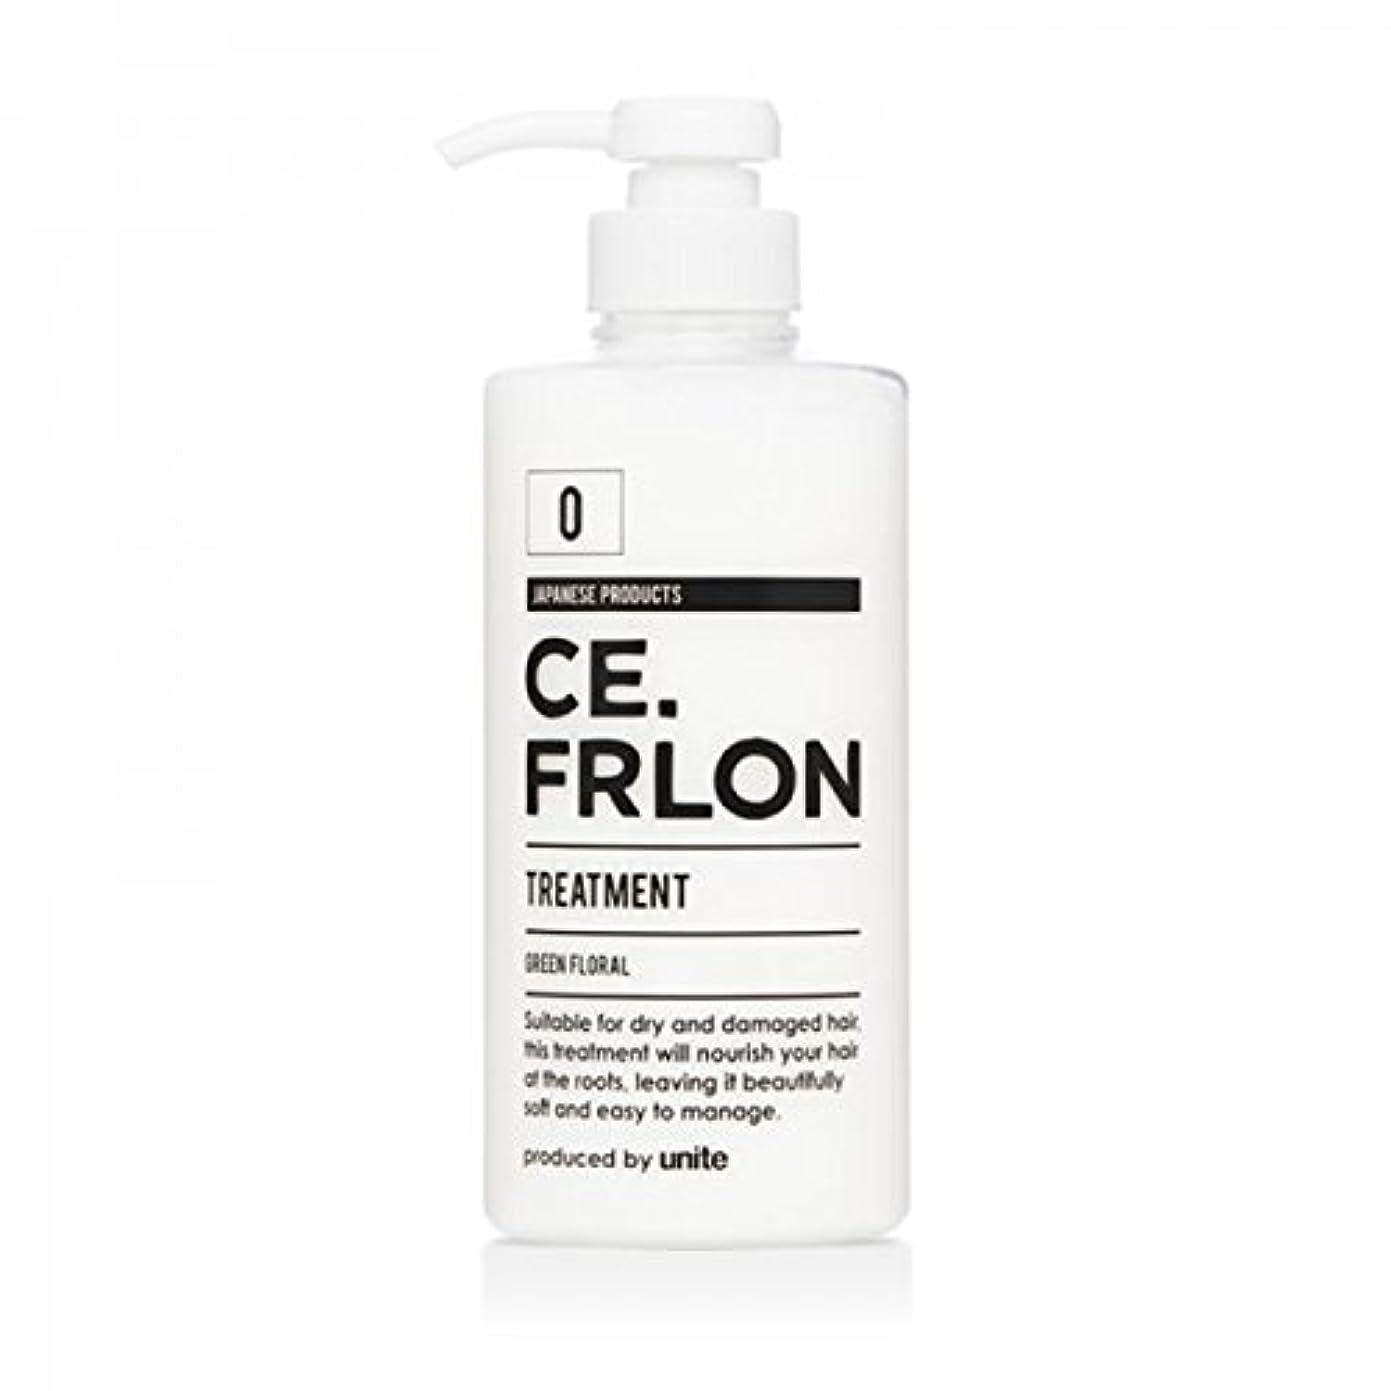 面アンソロジー直径トリートメント 500g CE.FRLON (美容師が開発したヘアケア商品)